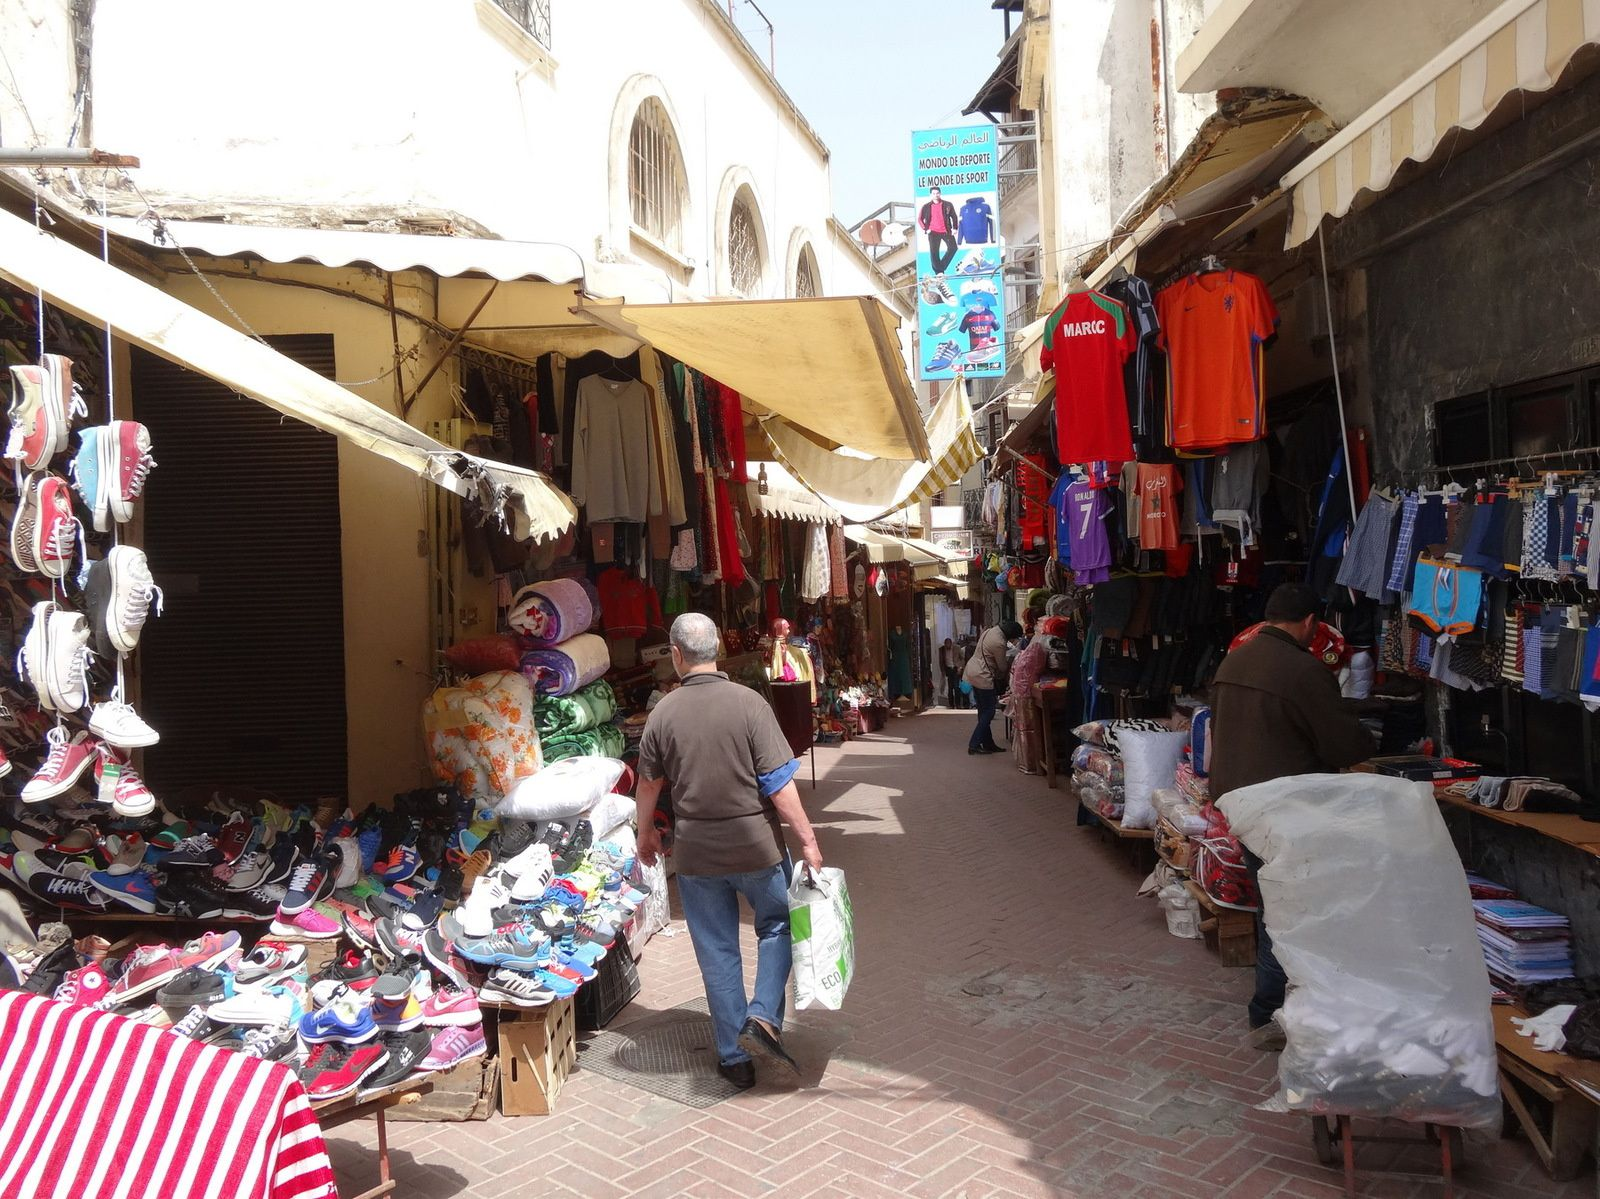 Ambiance de la Médina de Tanger